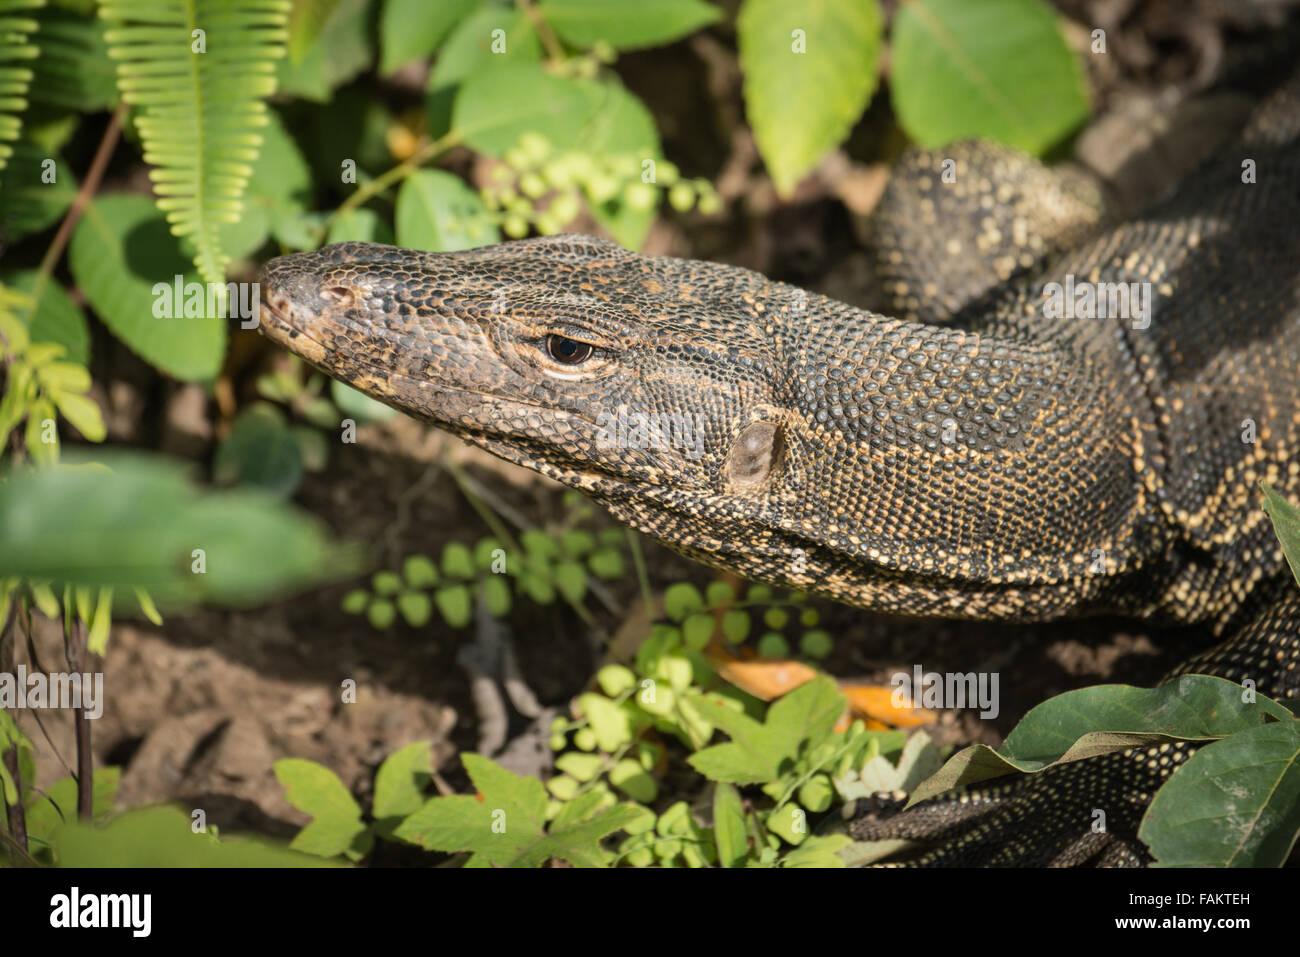 El lagarto monitor (Varanus salvator) es un gran lagarto nativo del sur y el sudeste de Asia. El agua es uno de Imagen De Stock